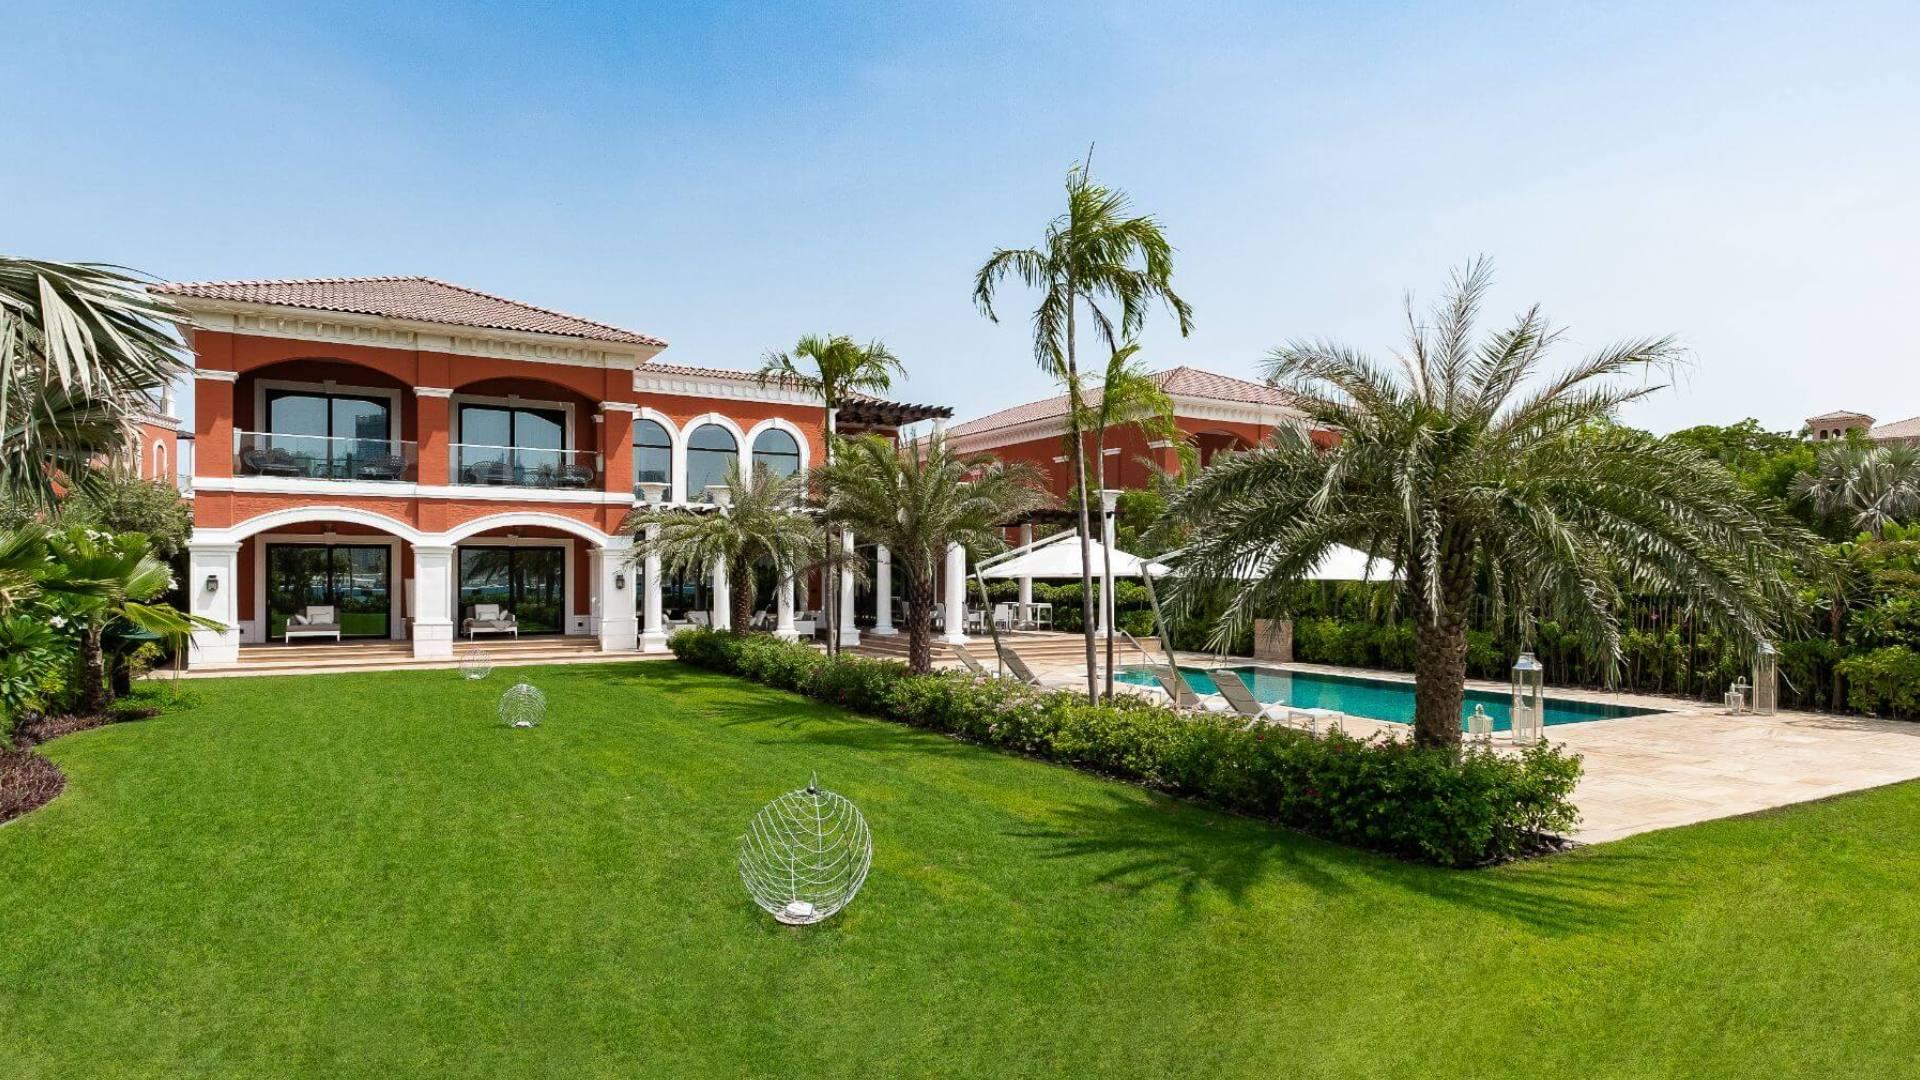 Villa en venta en Dubai, EAU, 7 dormitorios, 1103 m2, № 24257 – foto 1